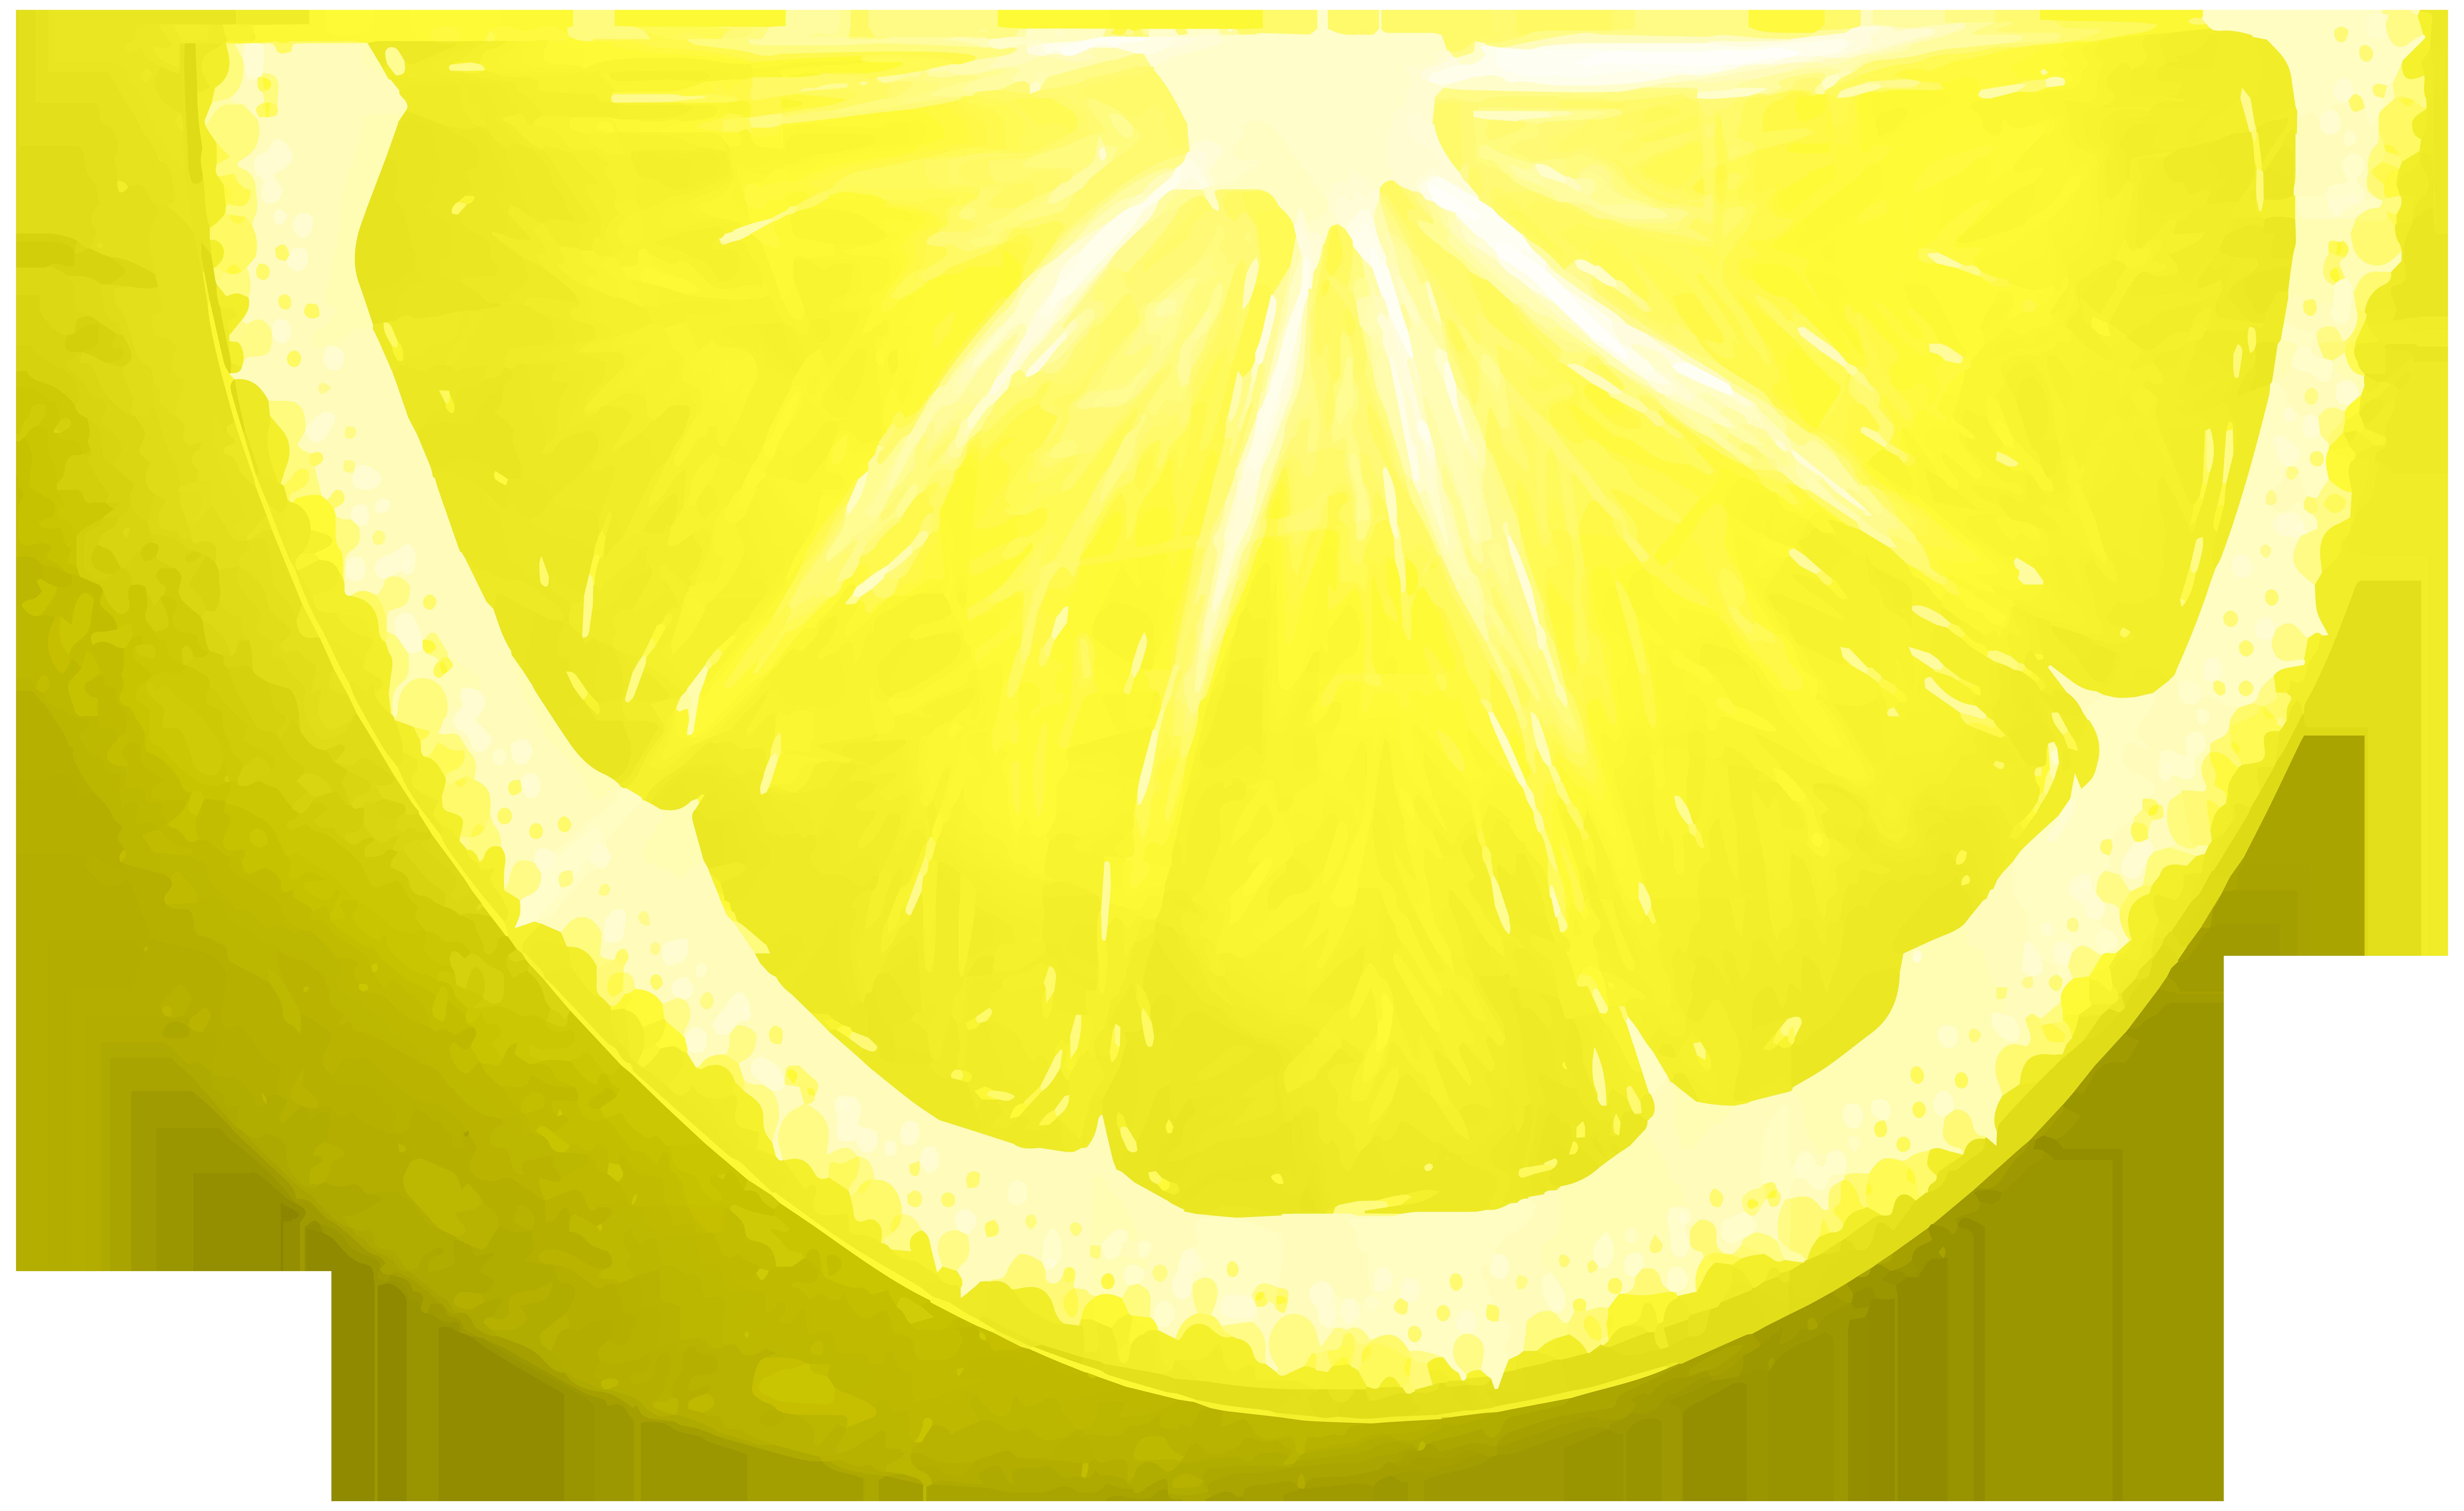 Circle clipart fruit. Lemon slice png clip